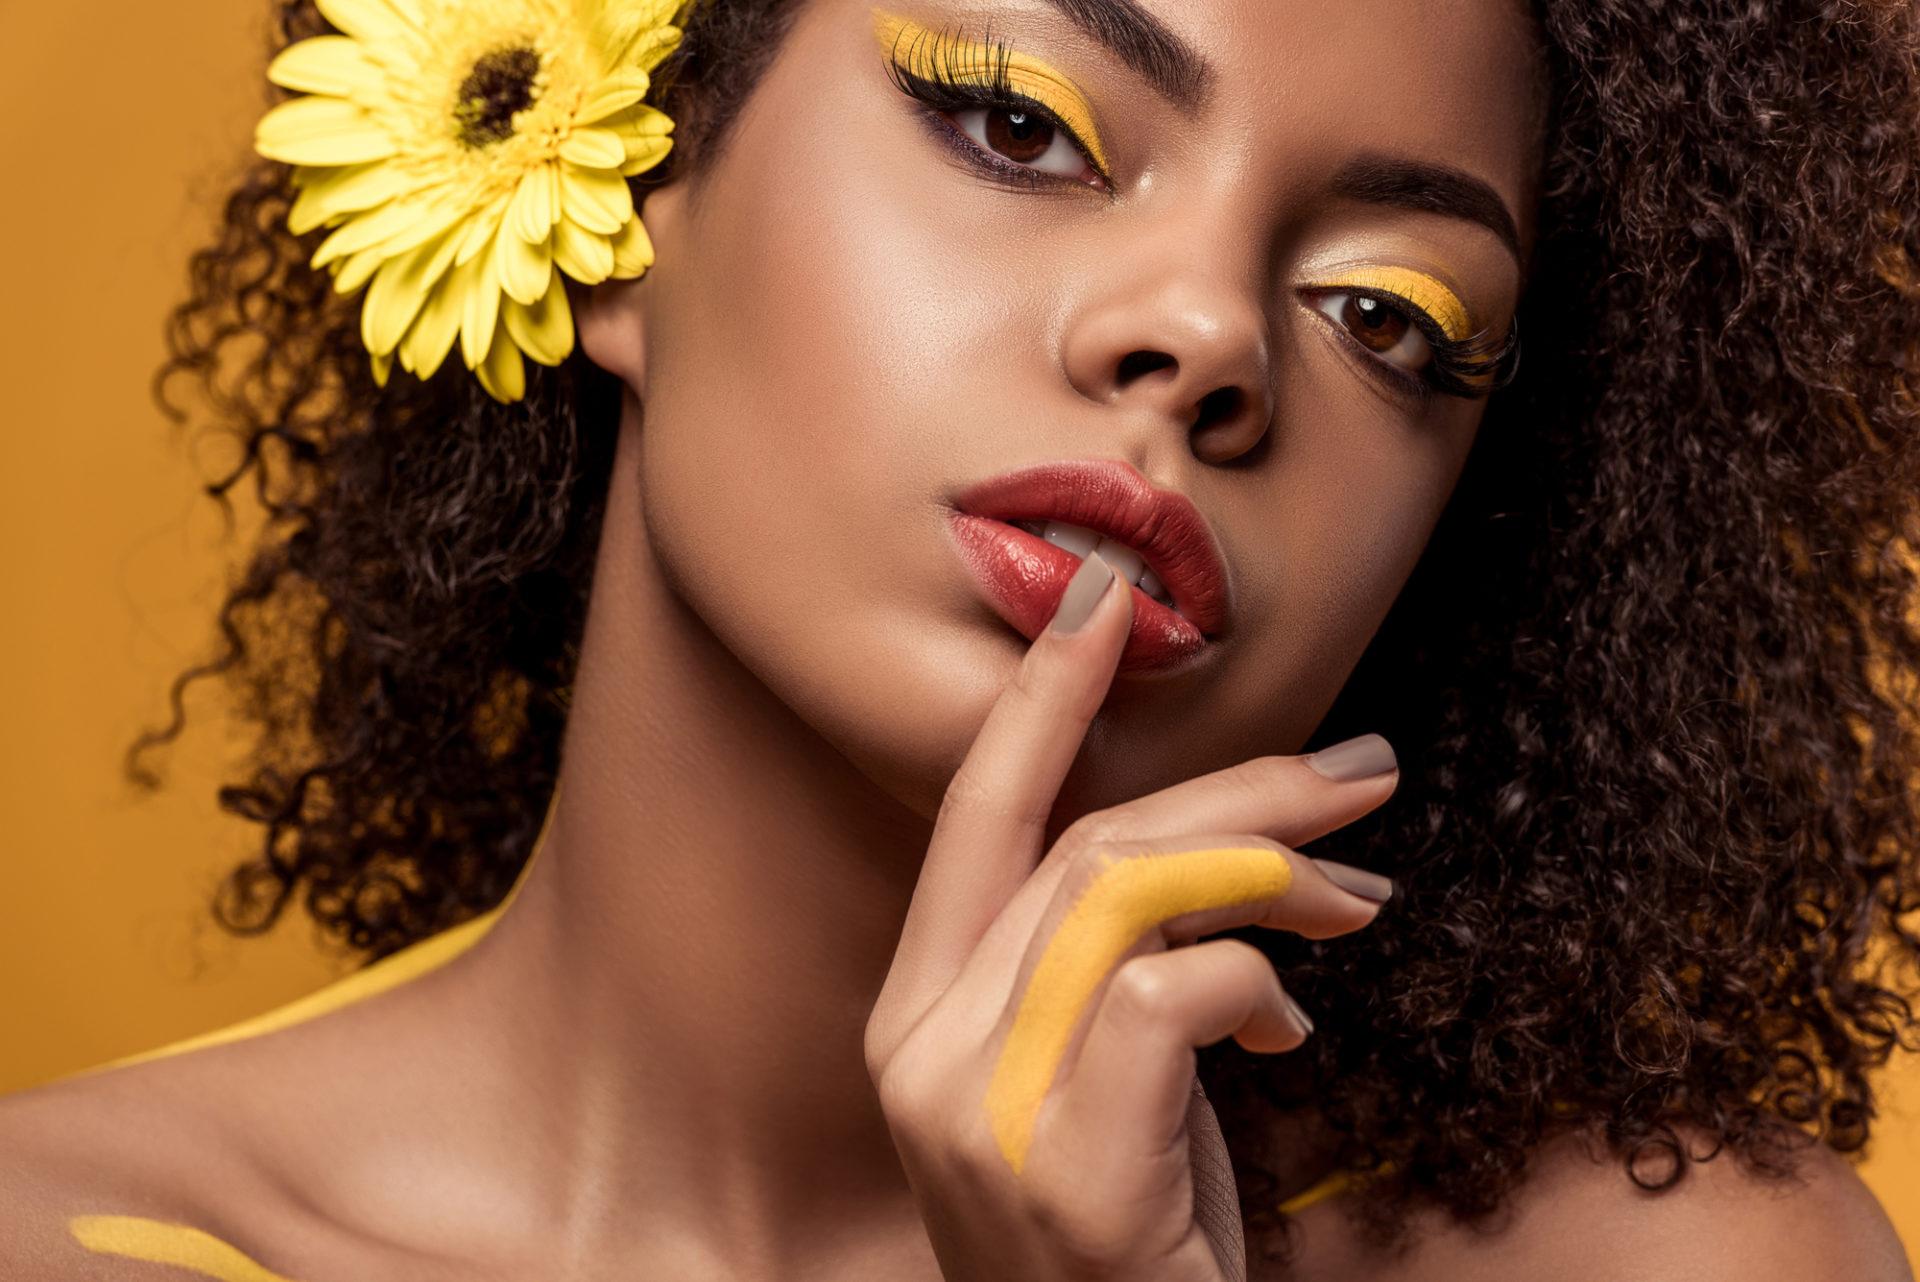 How To Build A Stellar Makeup Portfolio